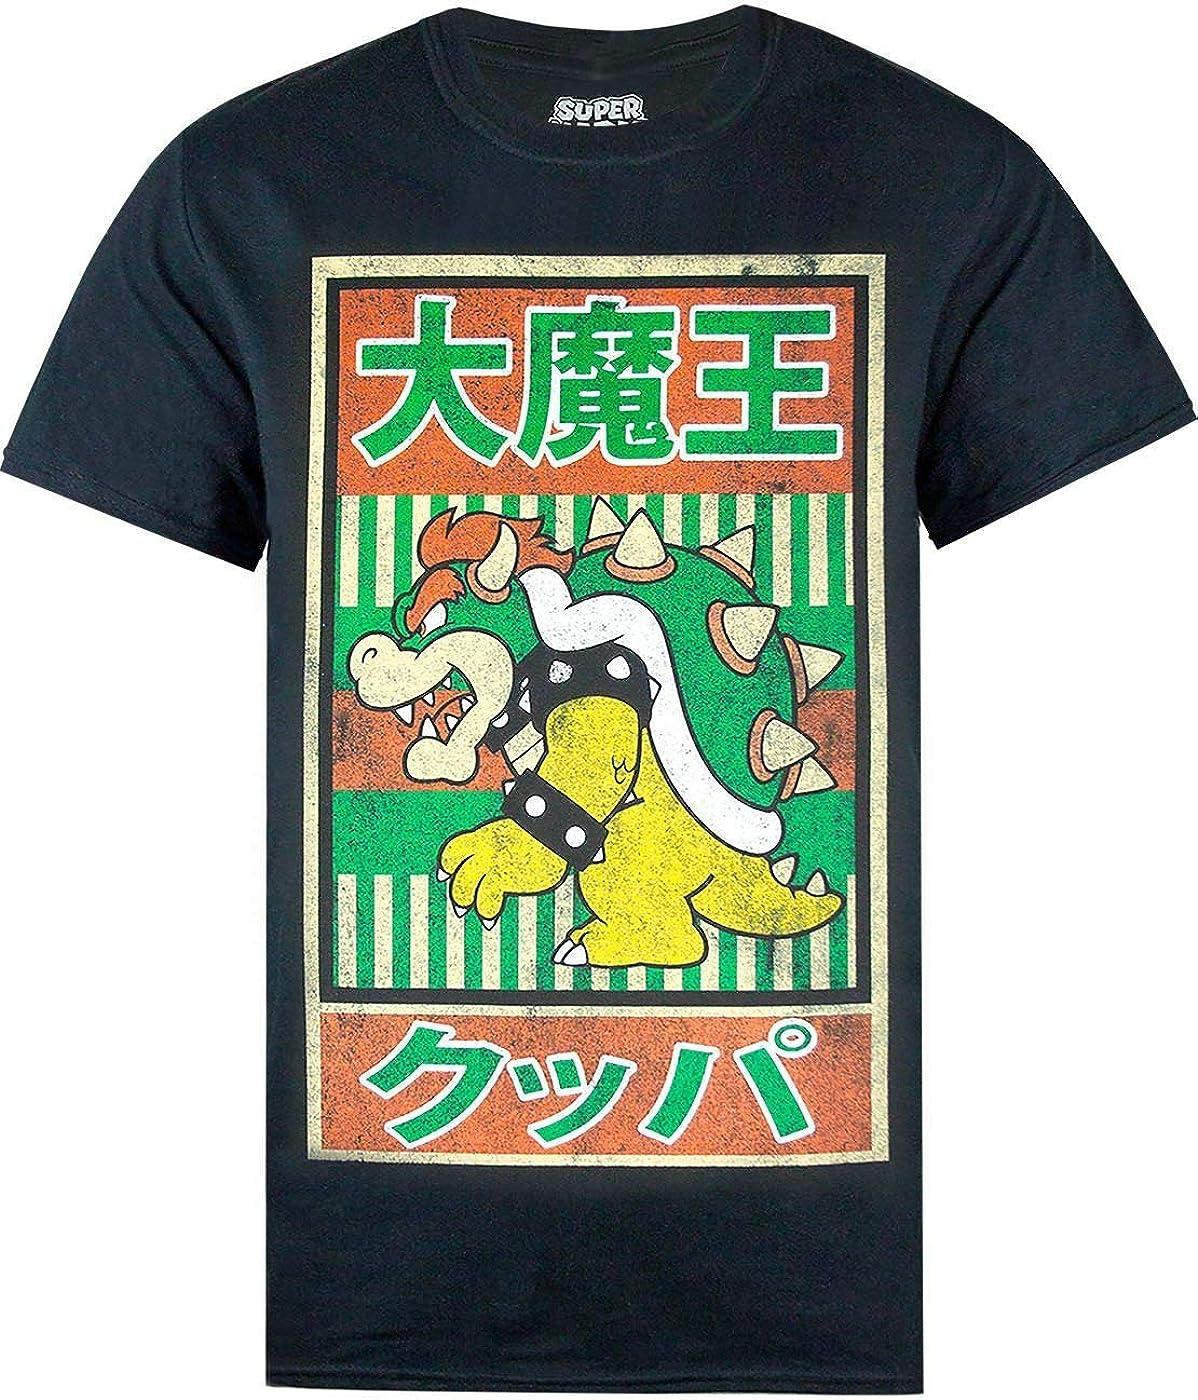 Super Mario Camiseta de Manga Corta Vintage Bowser Japanese Poster: Amazon.es: Ropa y accesorios